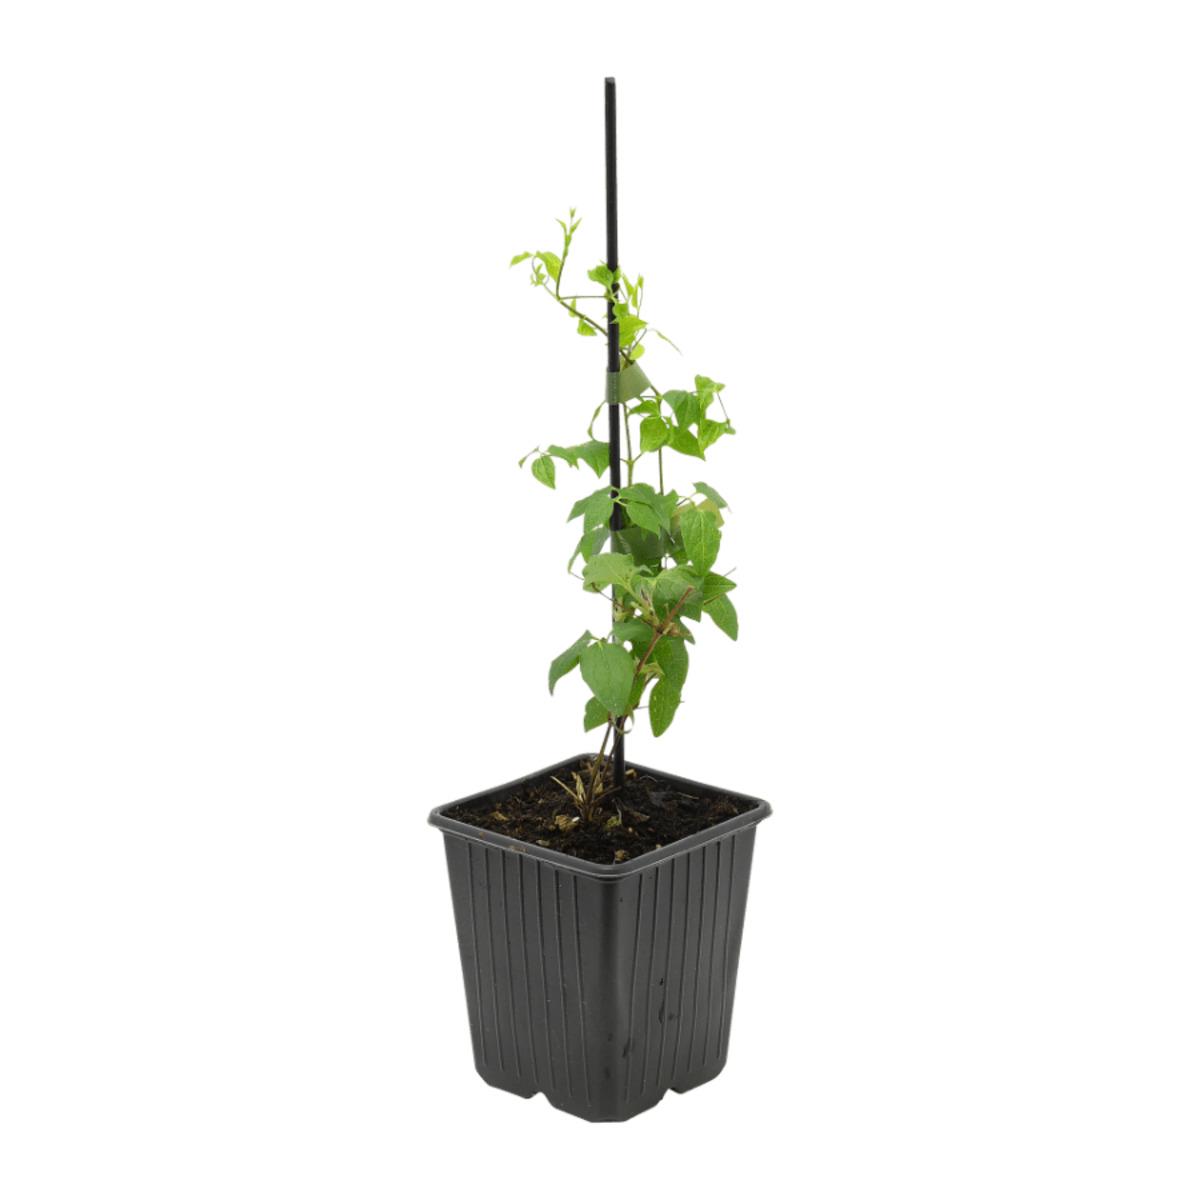 Bild 4 von GARDENLINE     Rankpflanze